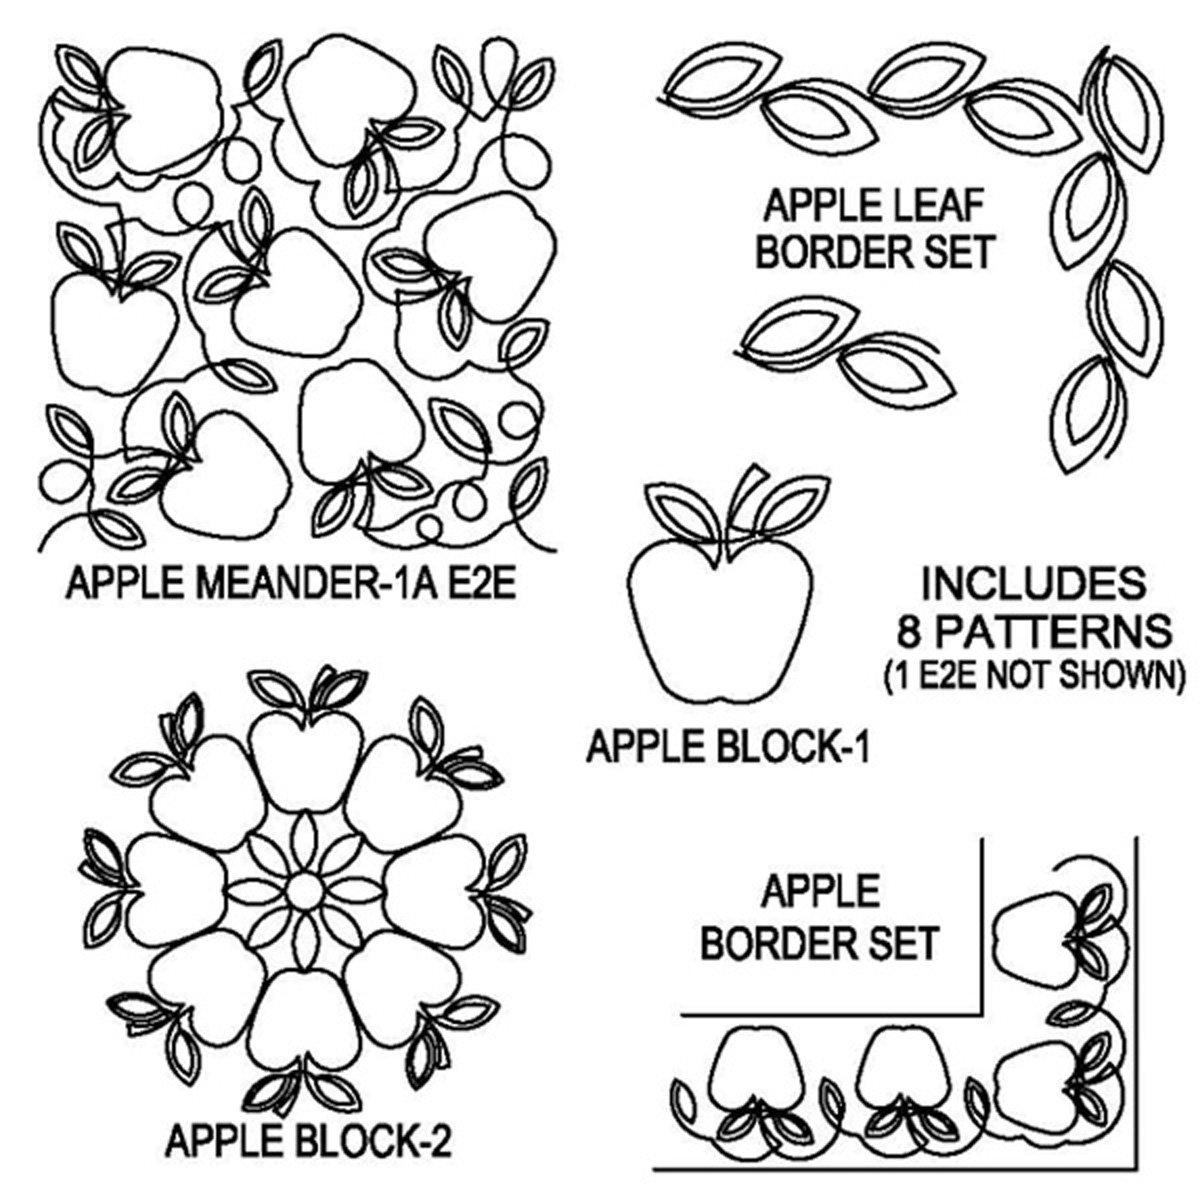 JBDG Apple package